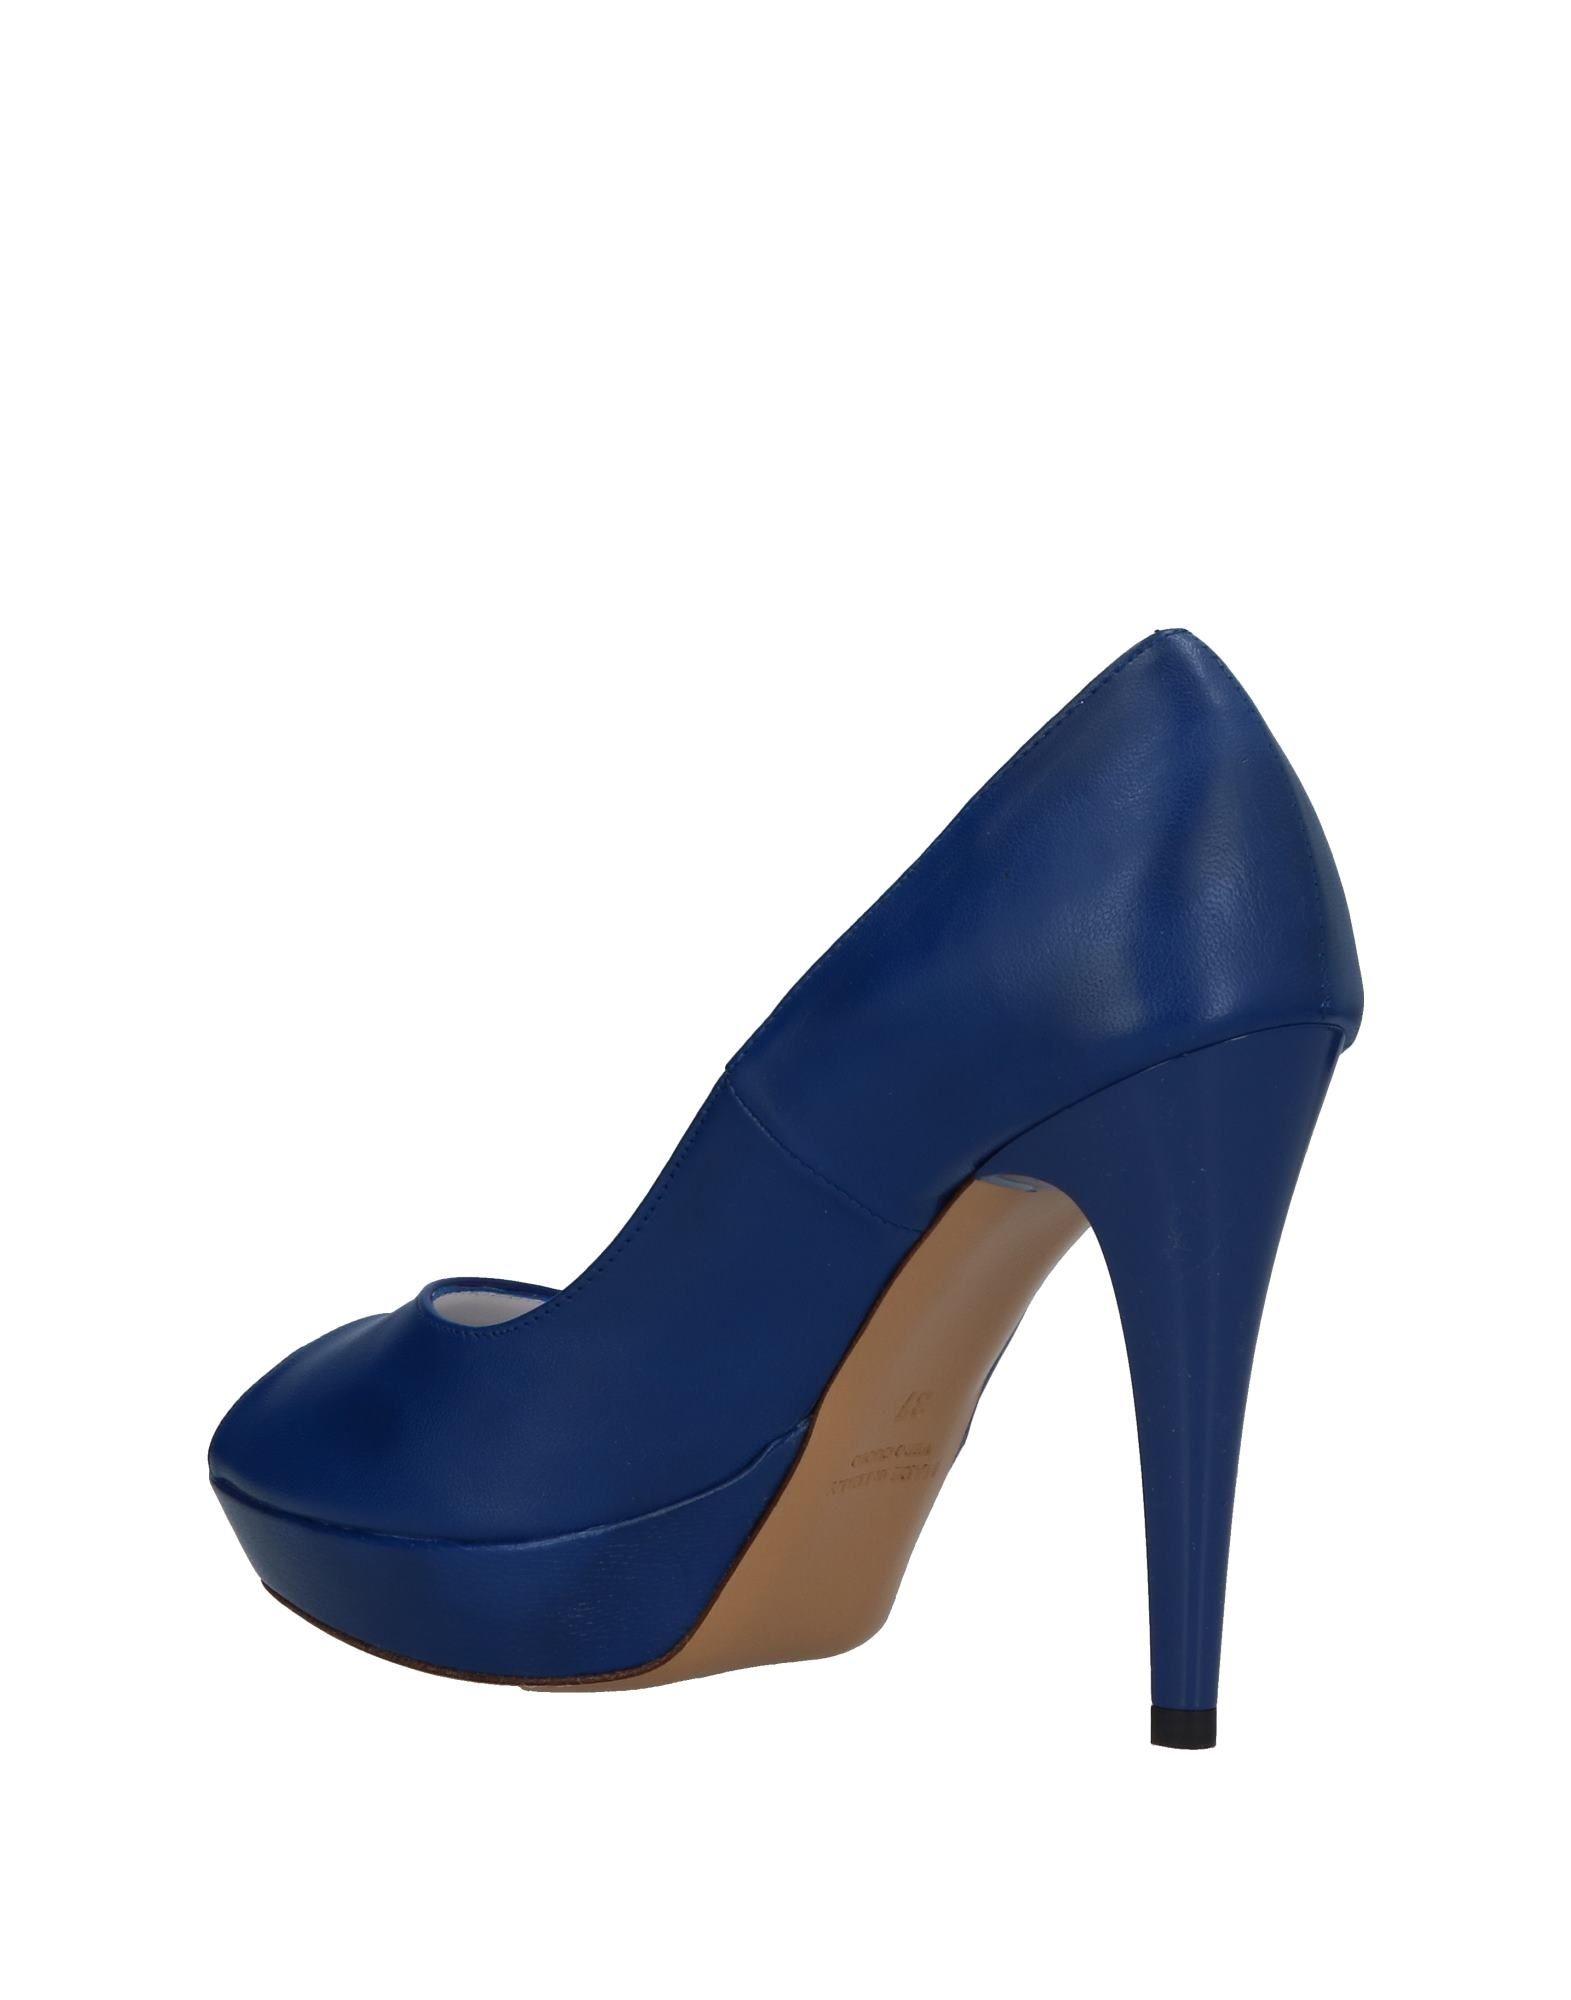 Oroscuro Pumps Qualität Damen  11376860UA Gute Qualität Pumps beliebte Schuhe a6acae